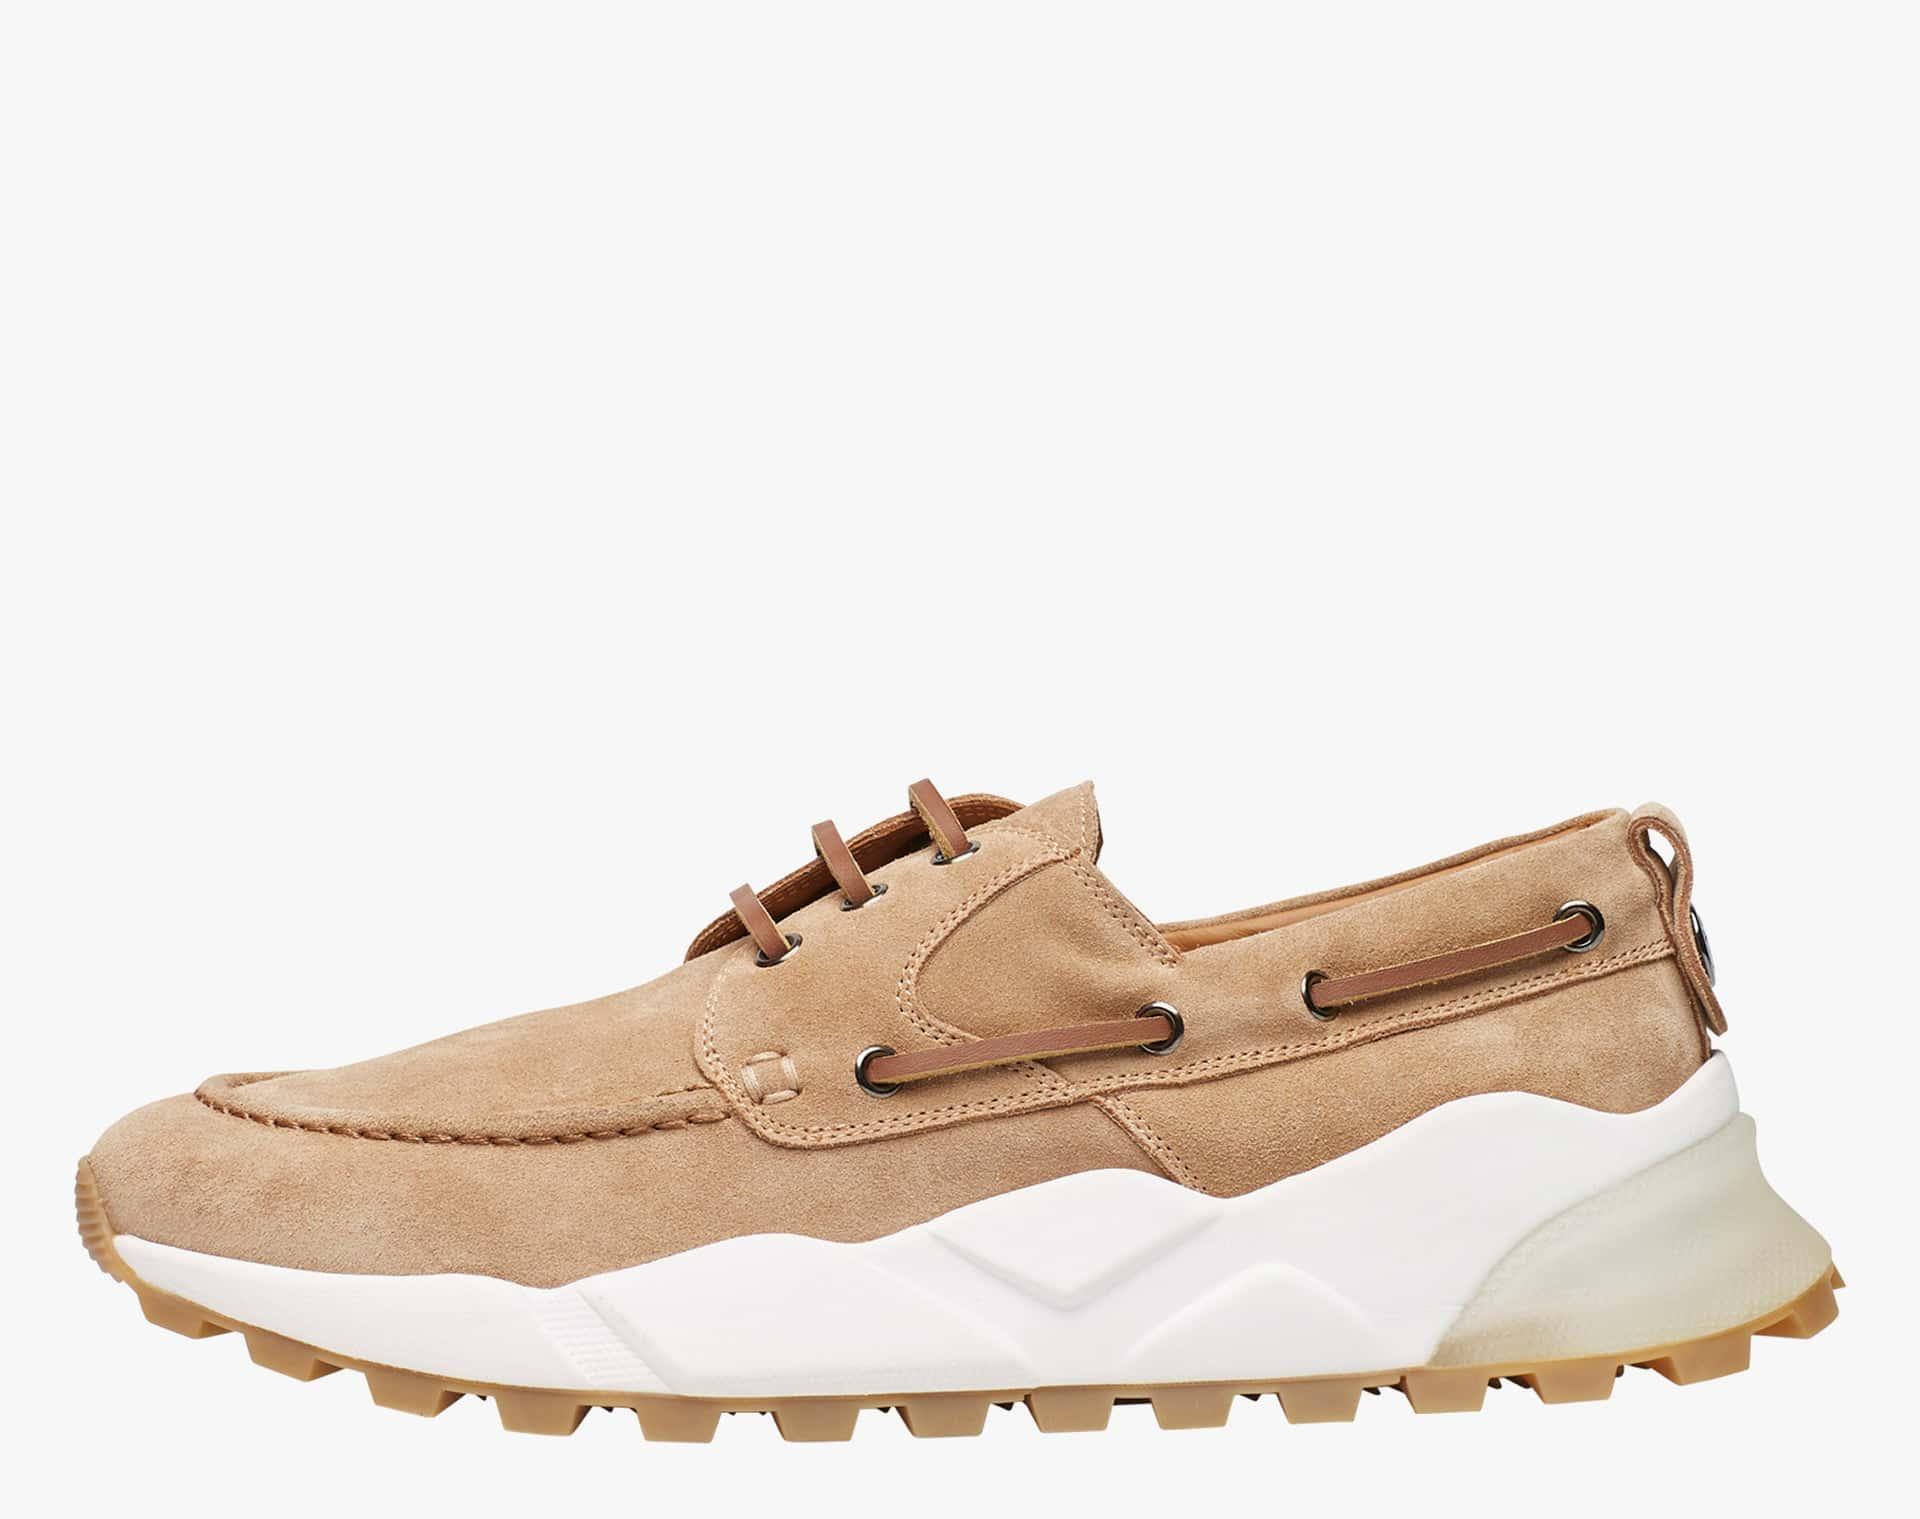 EXTREEMER - Suede sailor sneaker - Beige